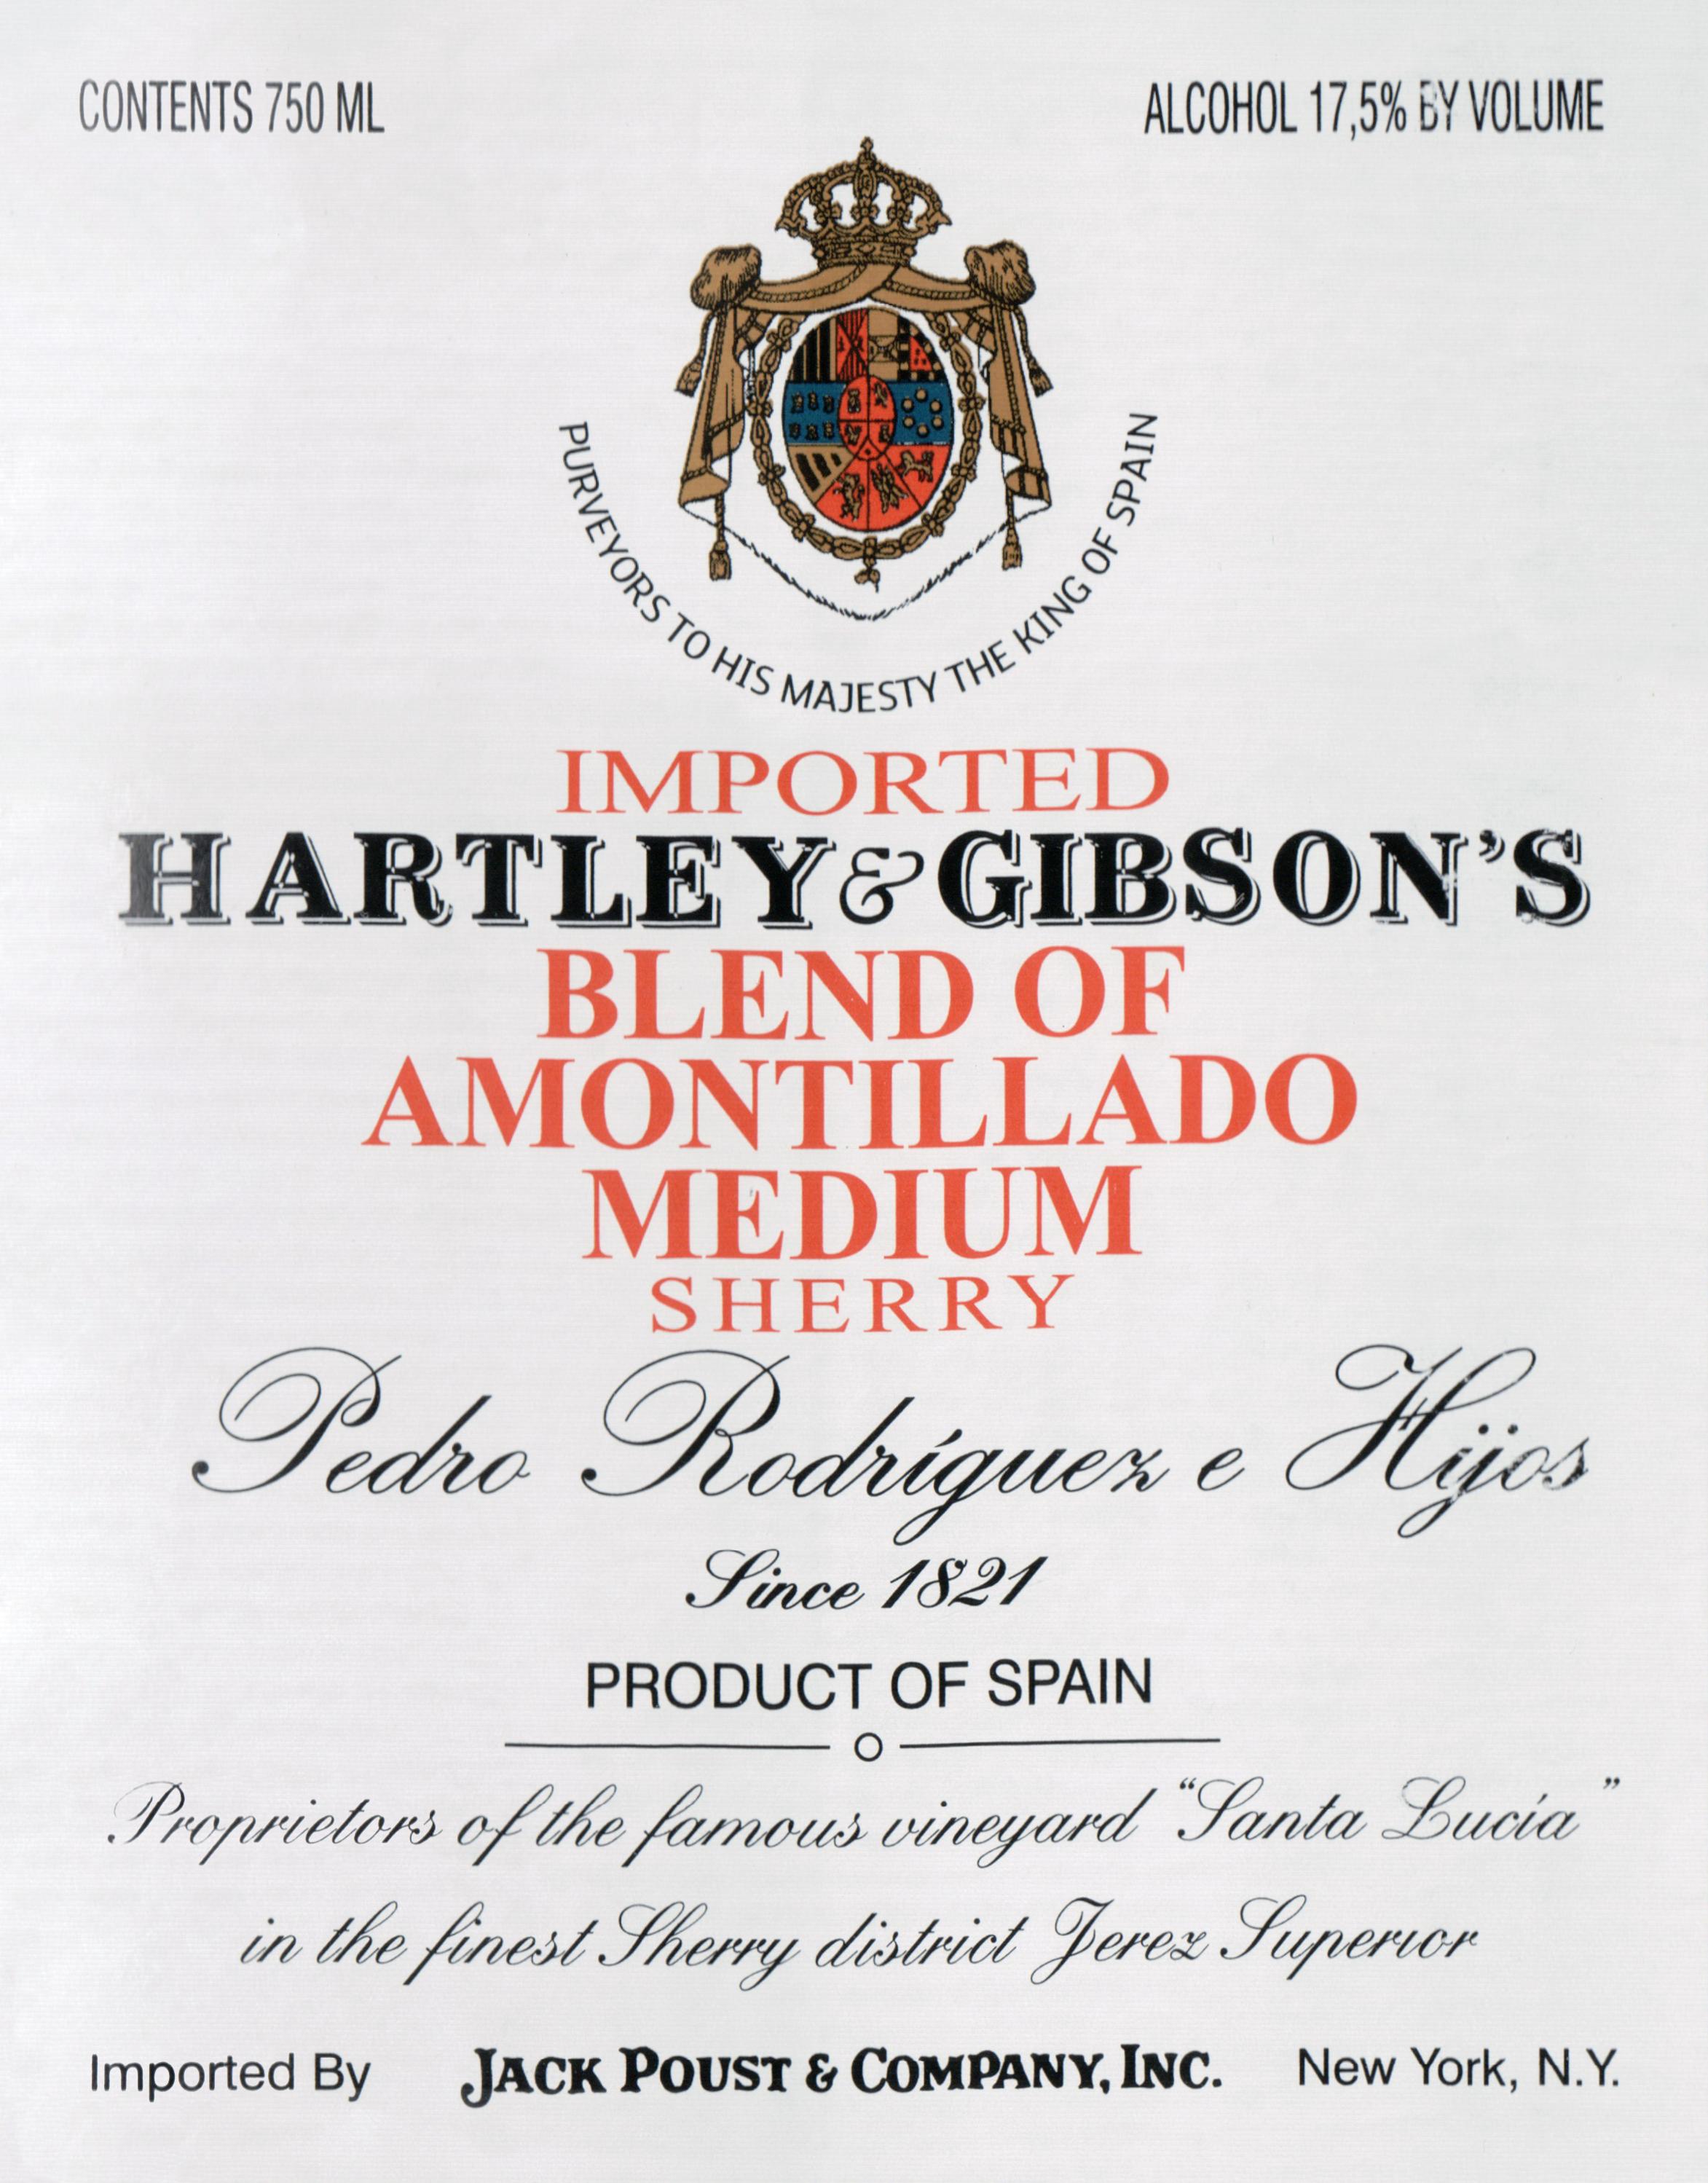 Hartley & Gibson Amontillado S